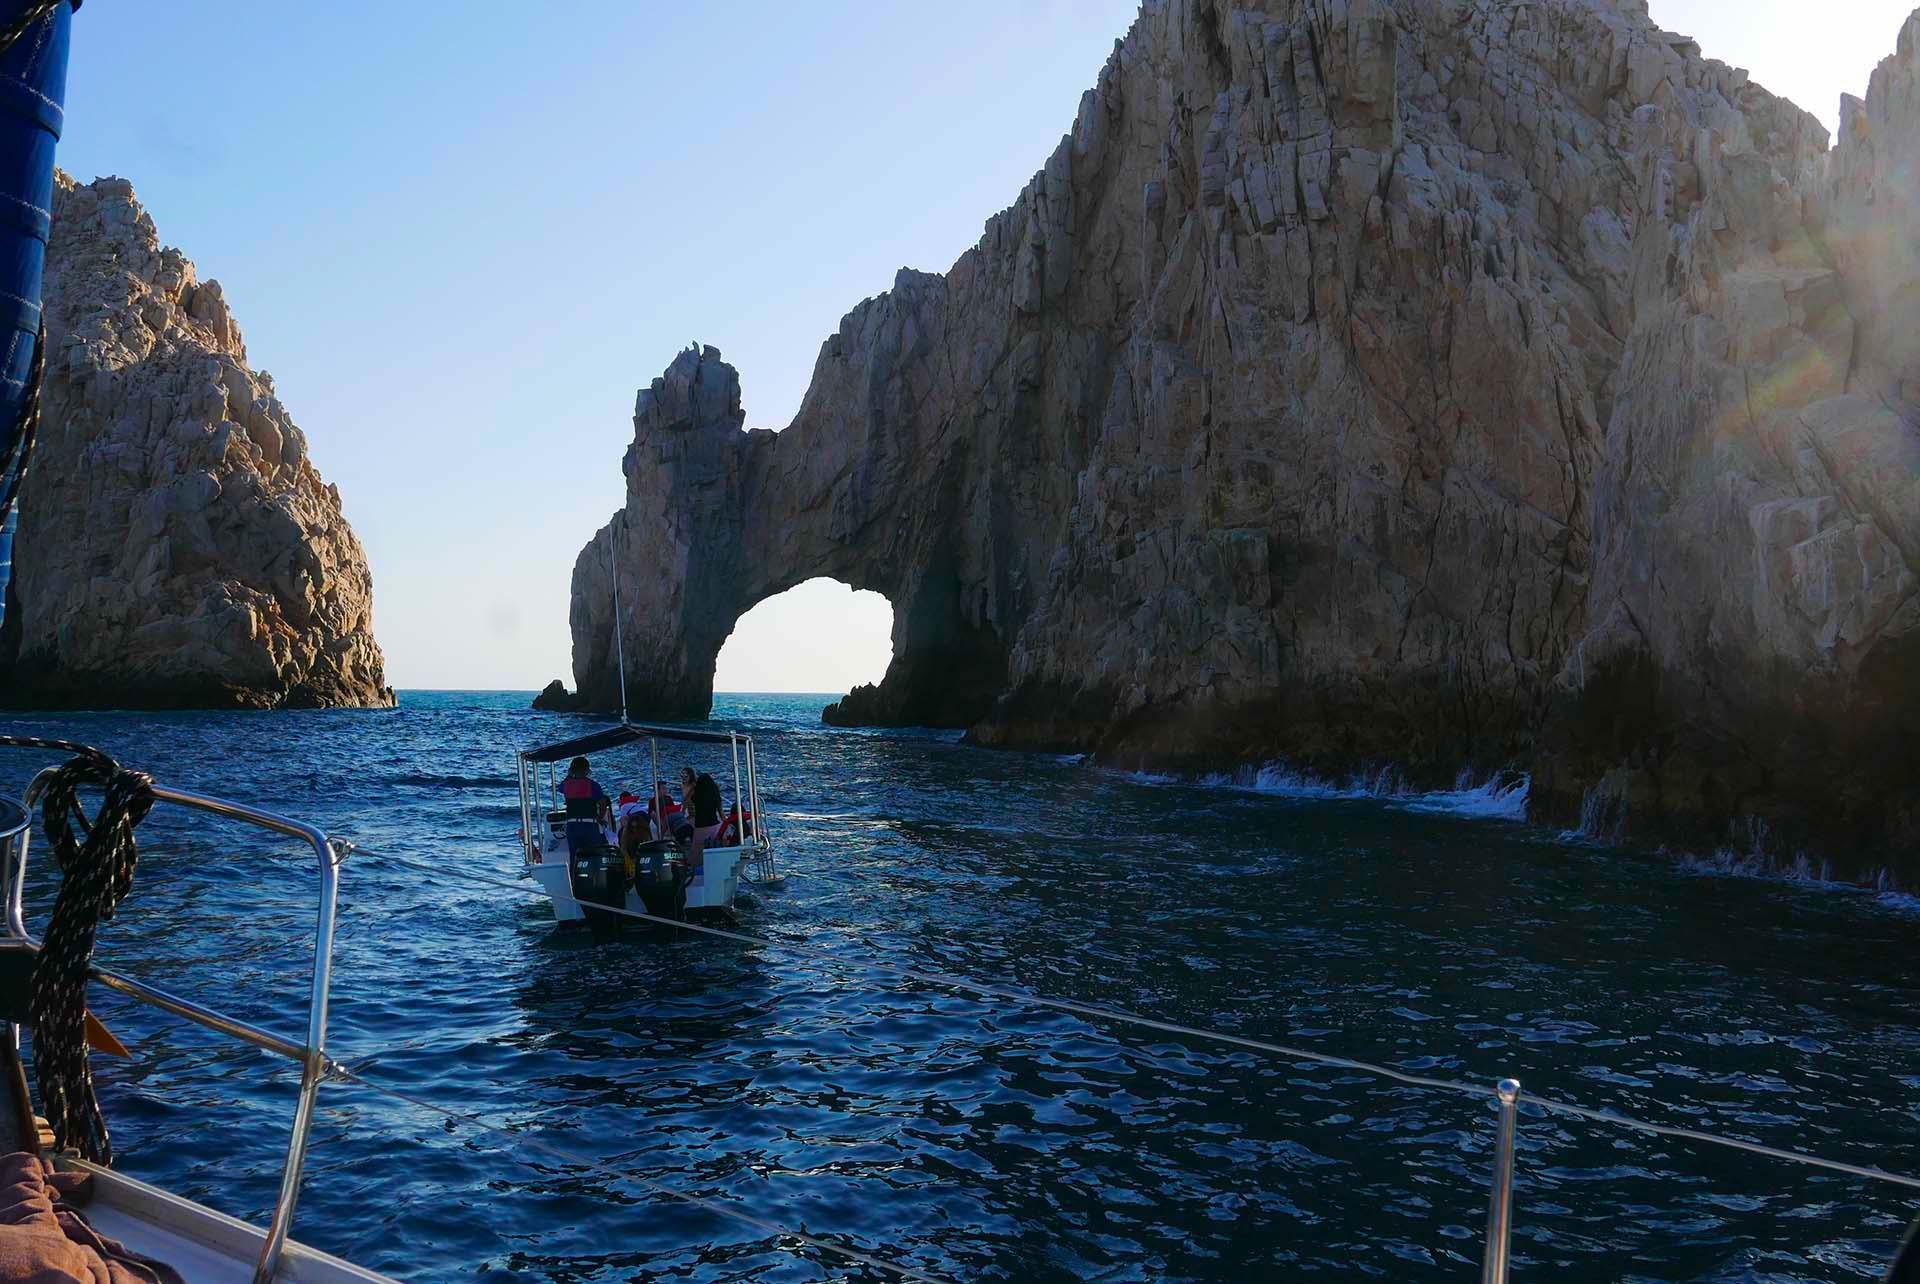 Os arcos de Los Cabos é uma das imperdíveis atrações naturais da região